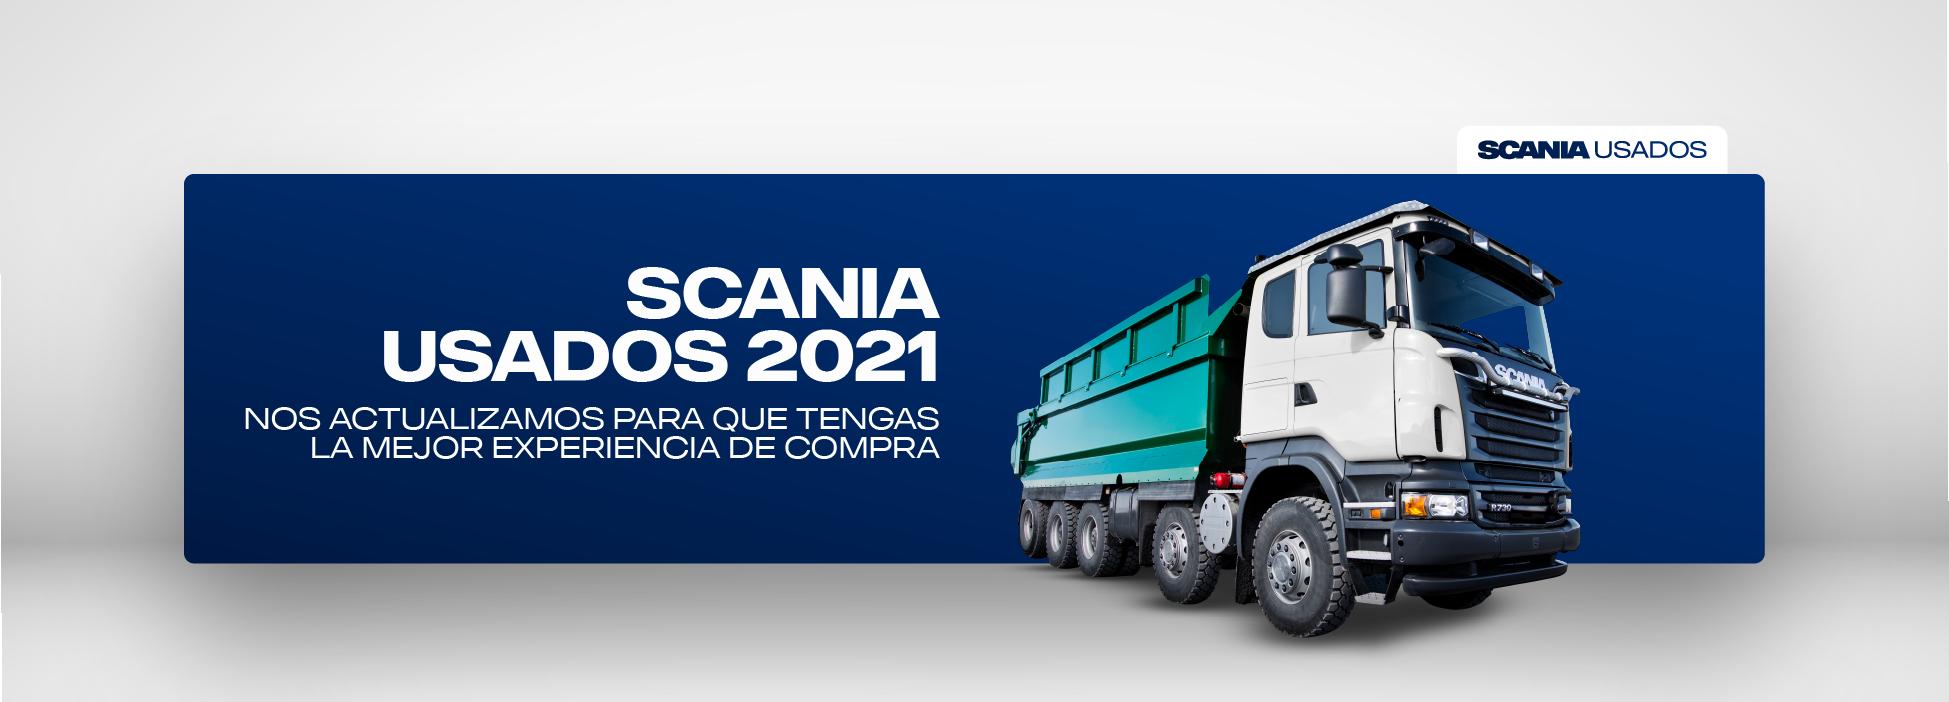 SCANIA USADOS 2021